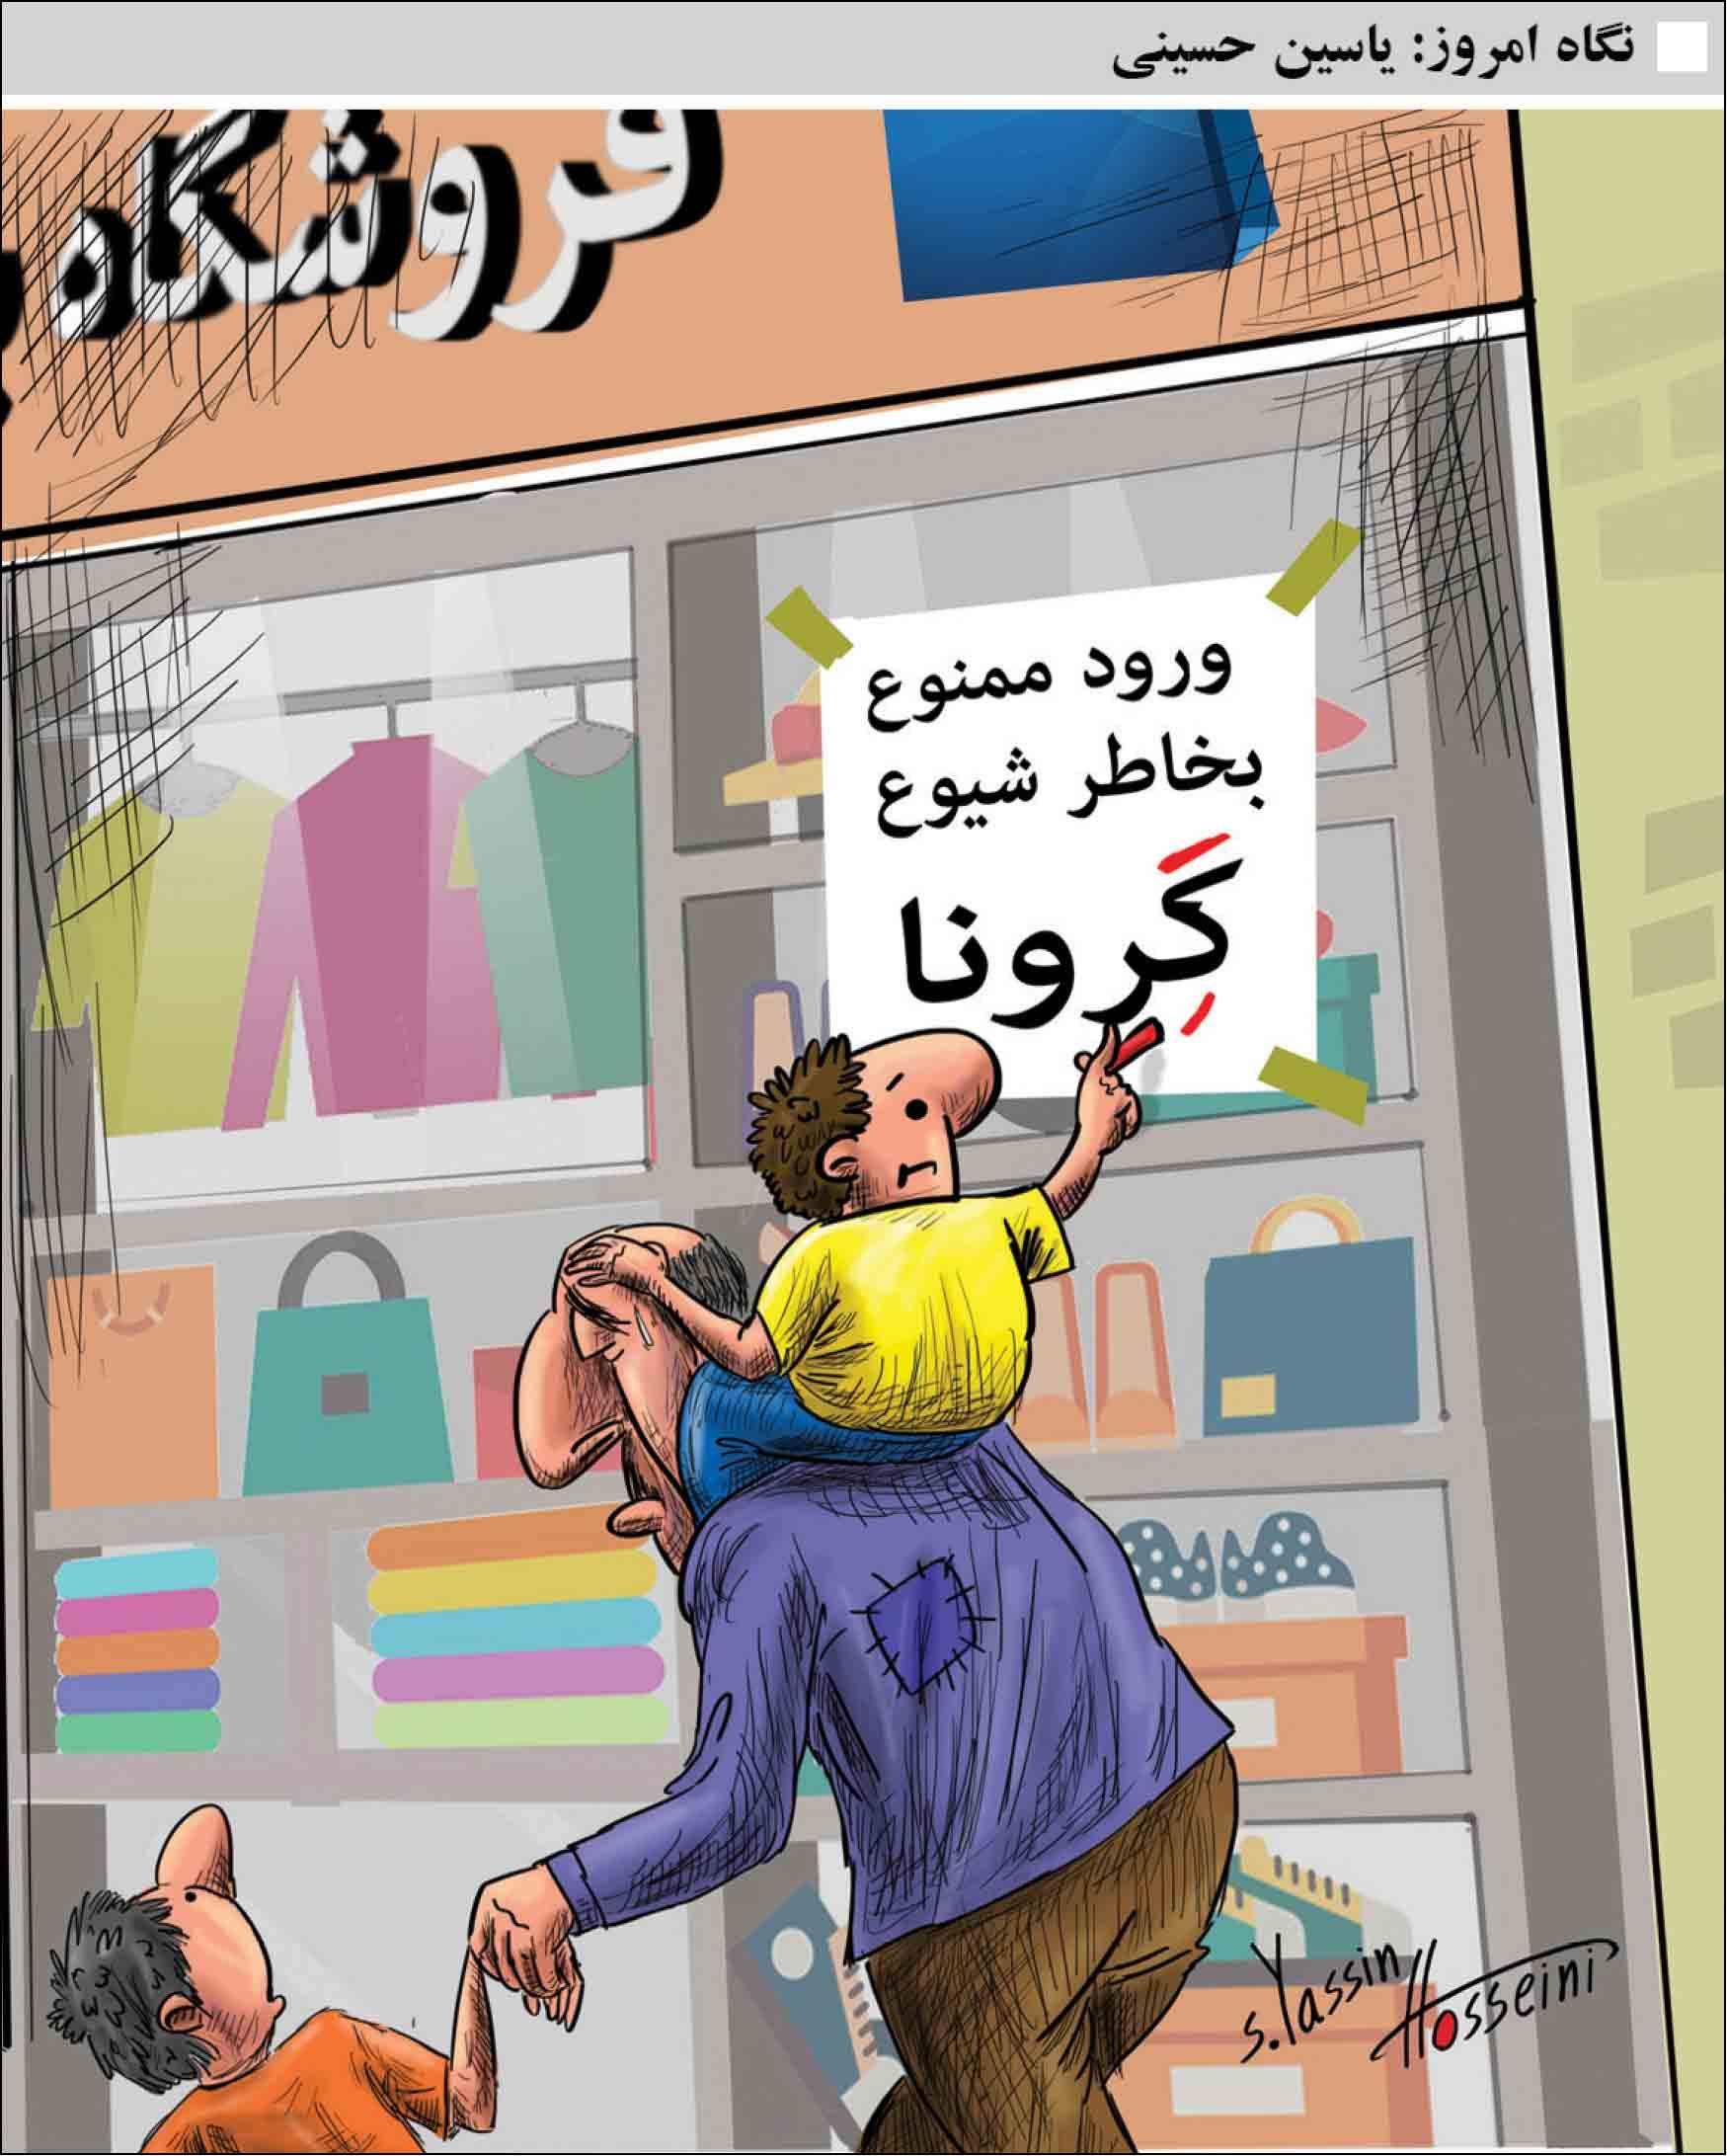 به خاطر شیوع کرونا ورود ممنوع! + عکس